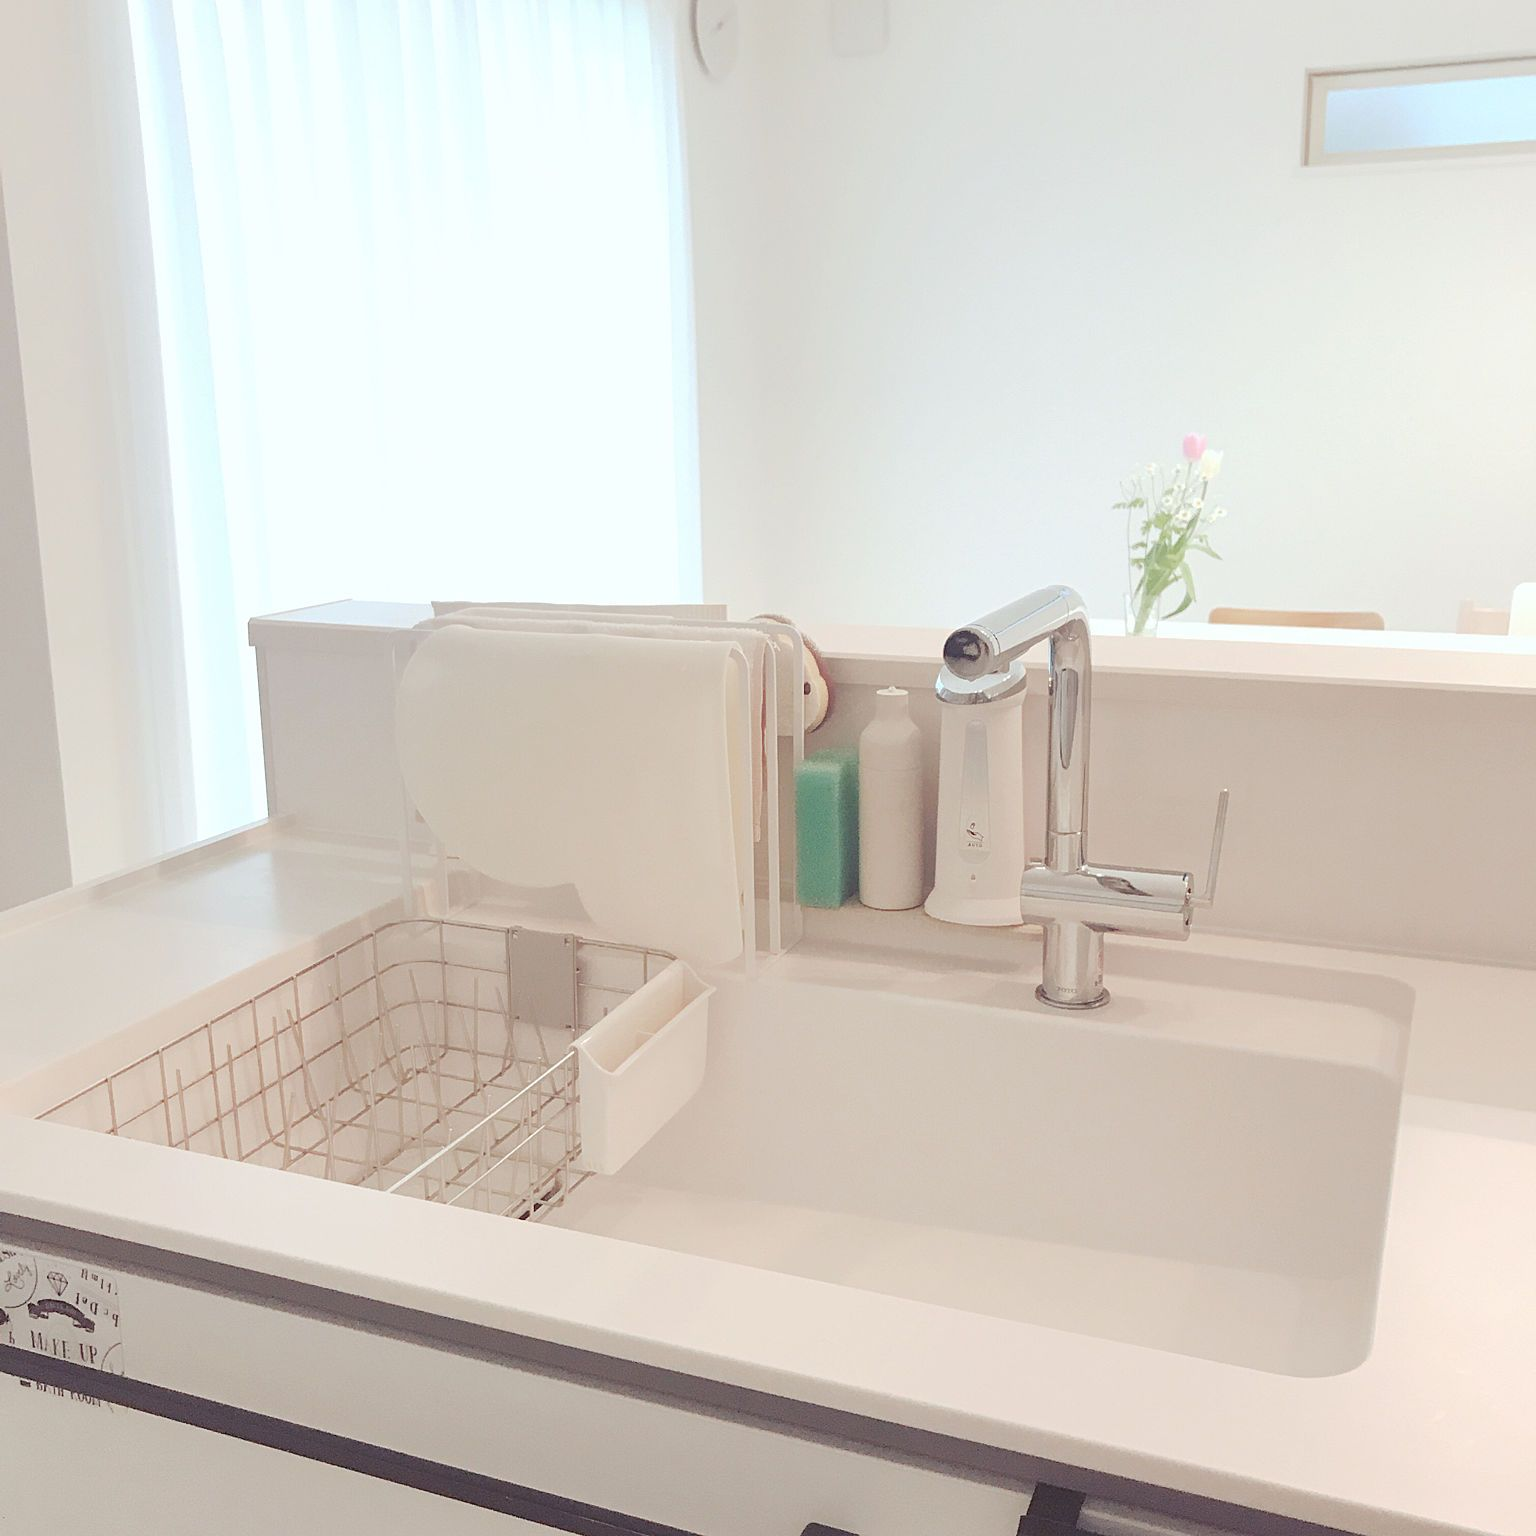 キッチン 水切りかご ホワイトインテリア 無印良品のインテリア実例